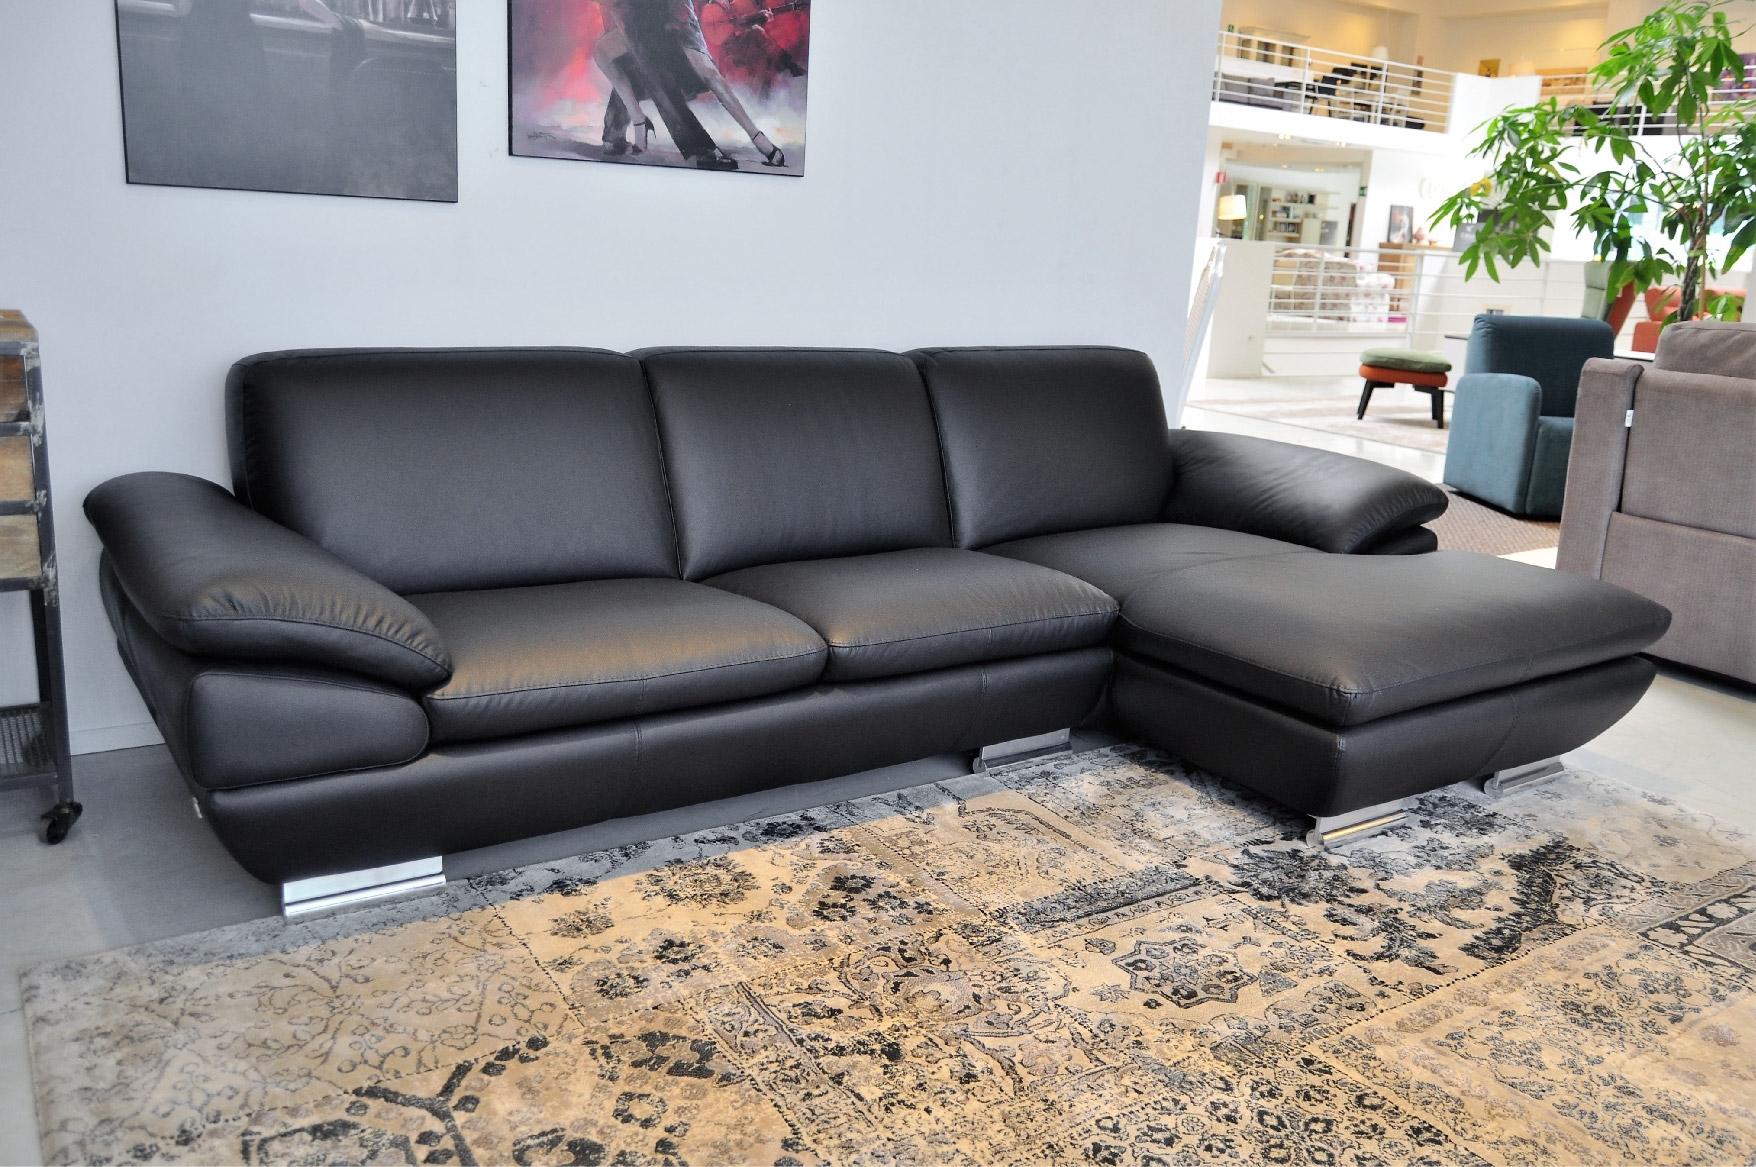 Outlet divani offerte divani online a prezzi scontati for Offerte arredamento online